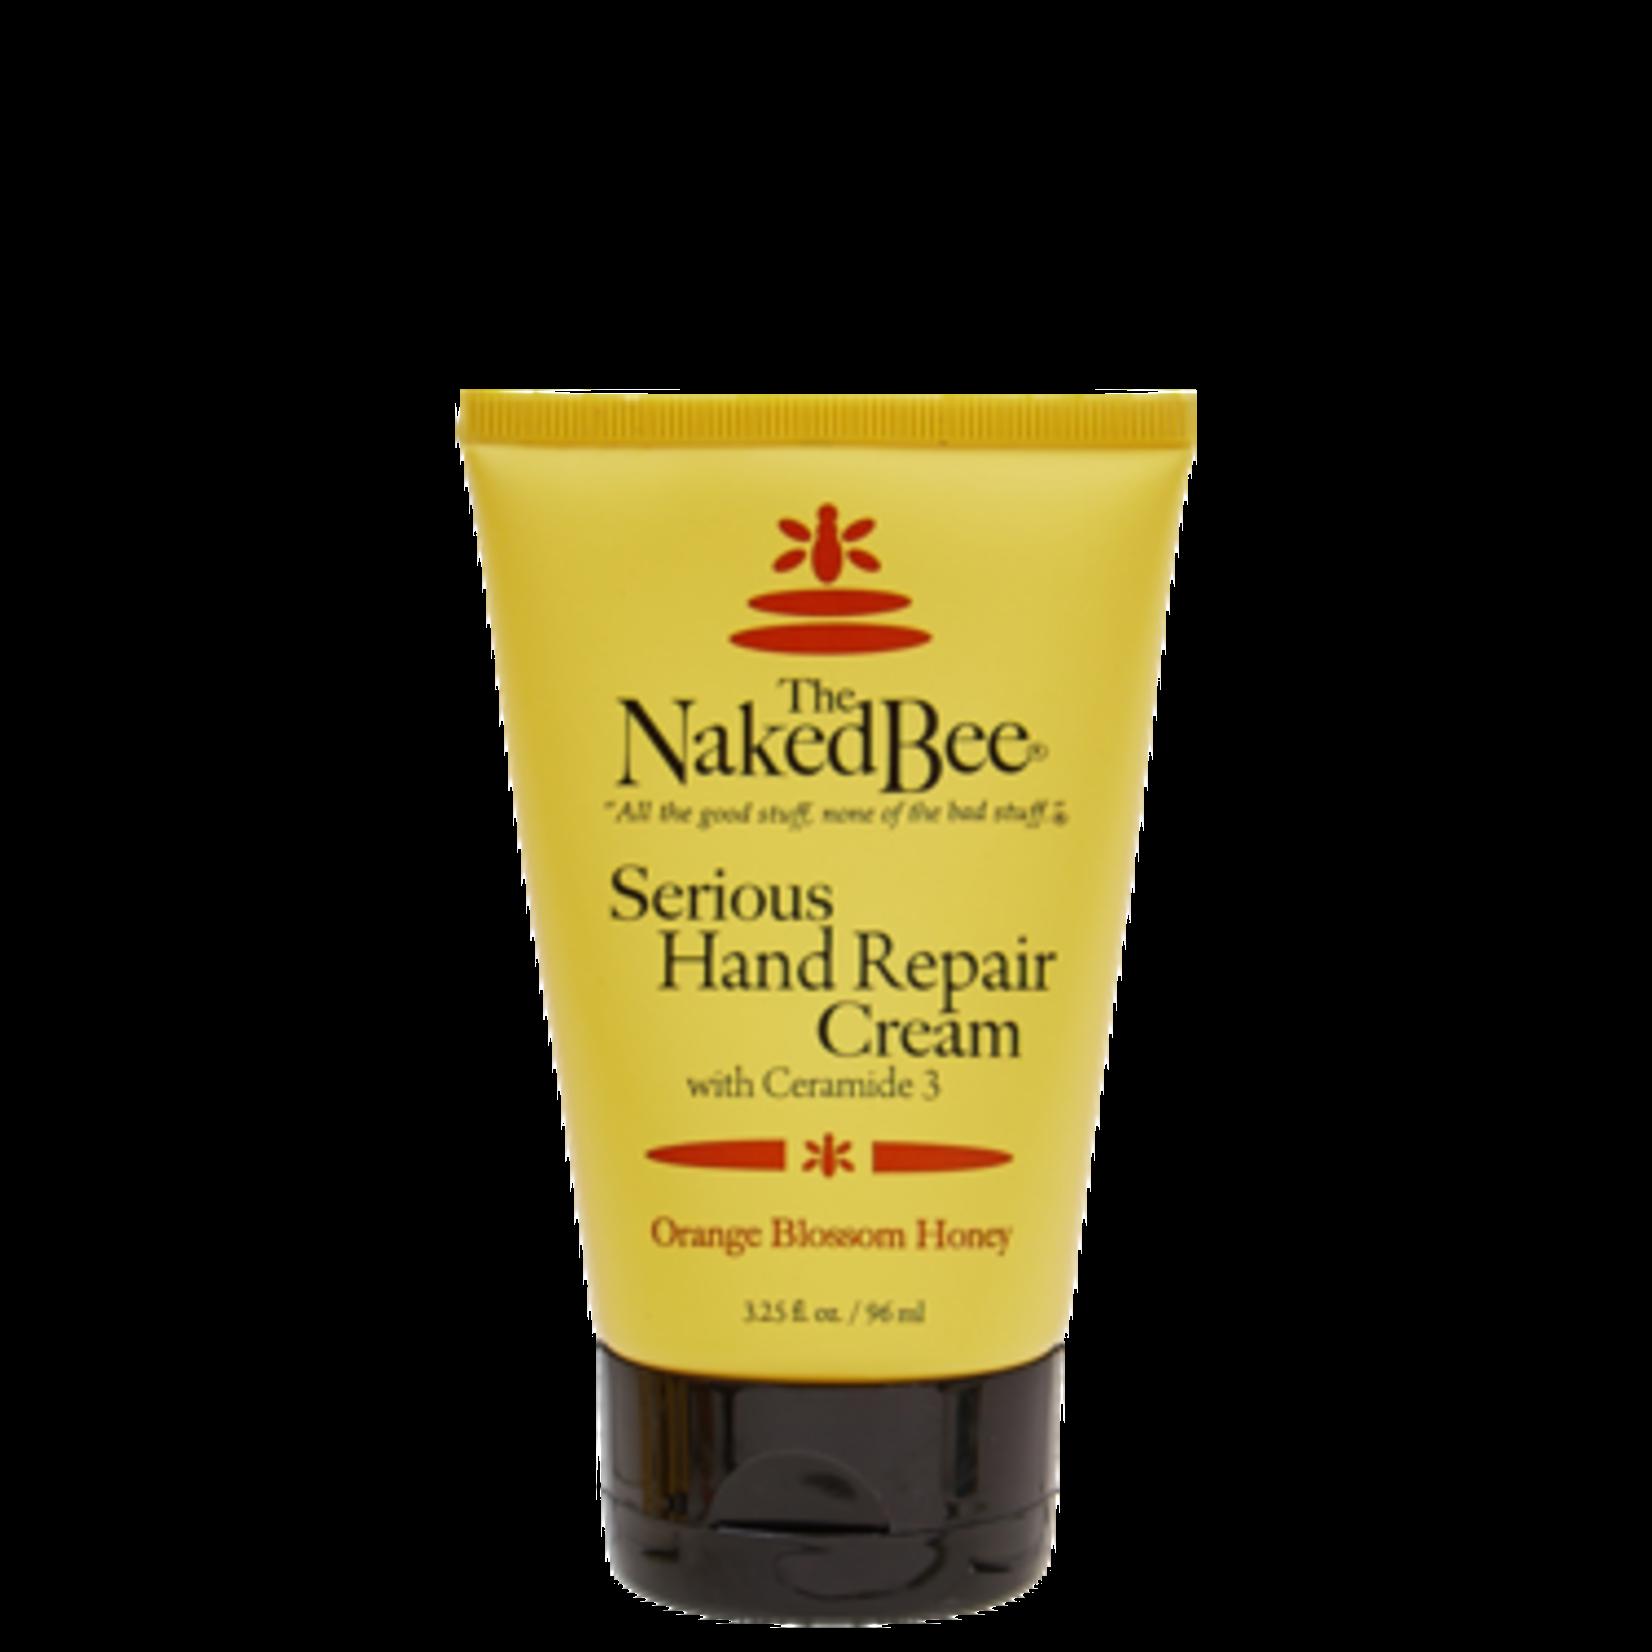 Naked Bee SERIOUS HAND REPAIR CREAM IN ORANGE BLOSSOM HONEY